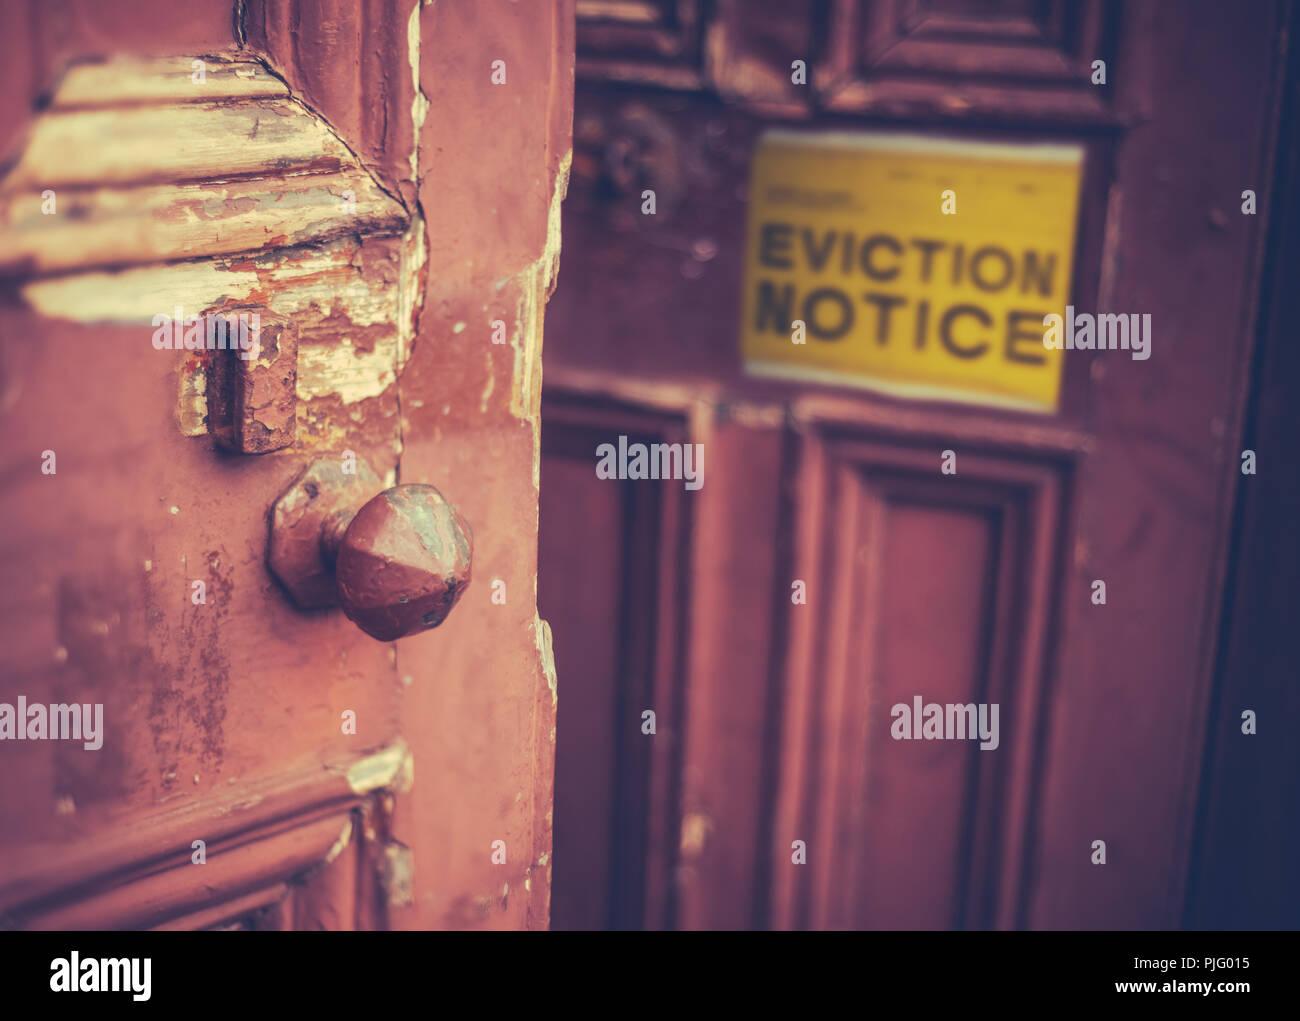 Grungy vieille porte avec un avis d'expulsion jaune Photo Stock